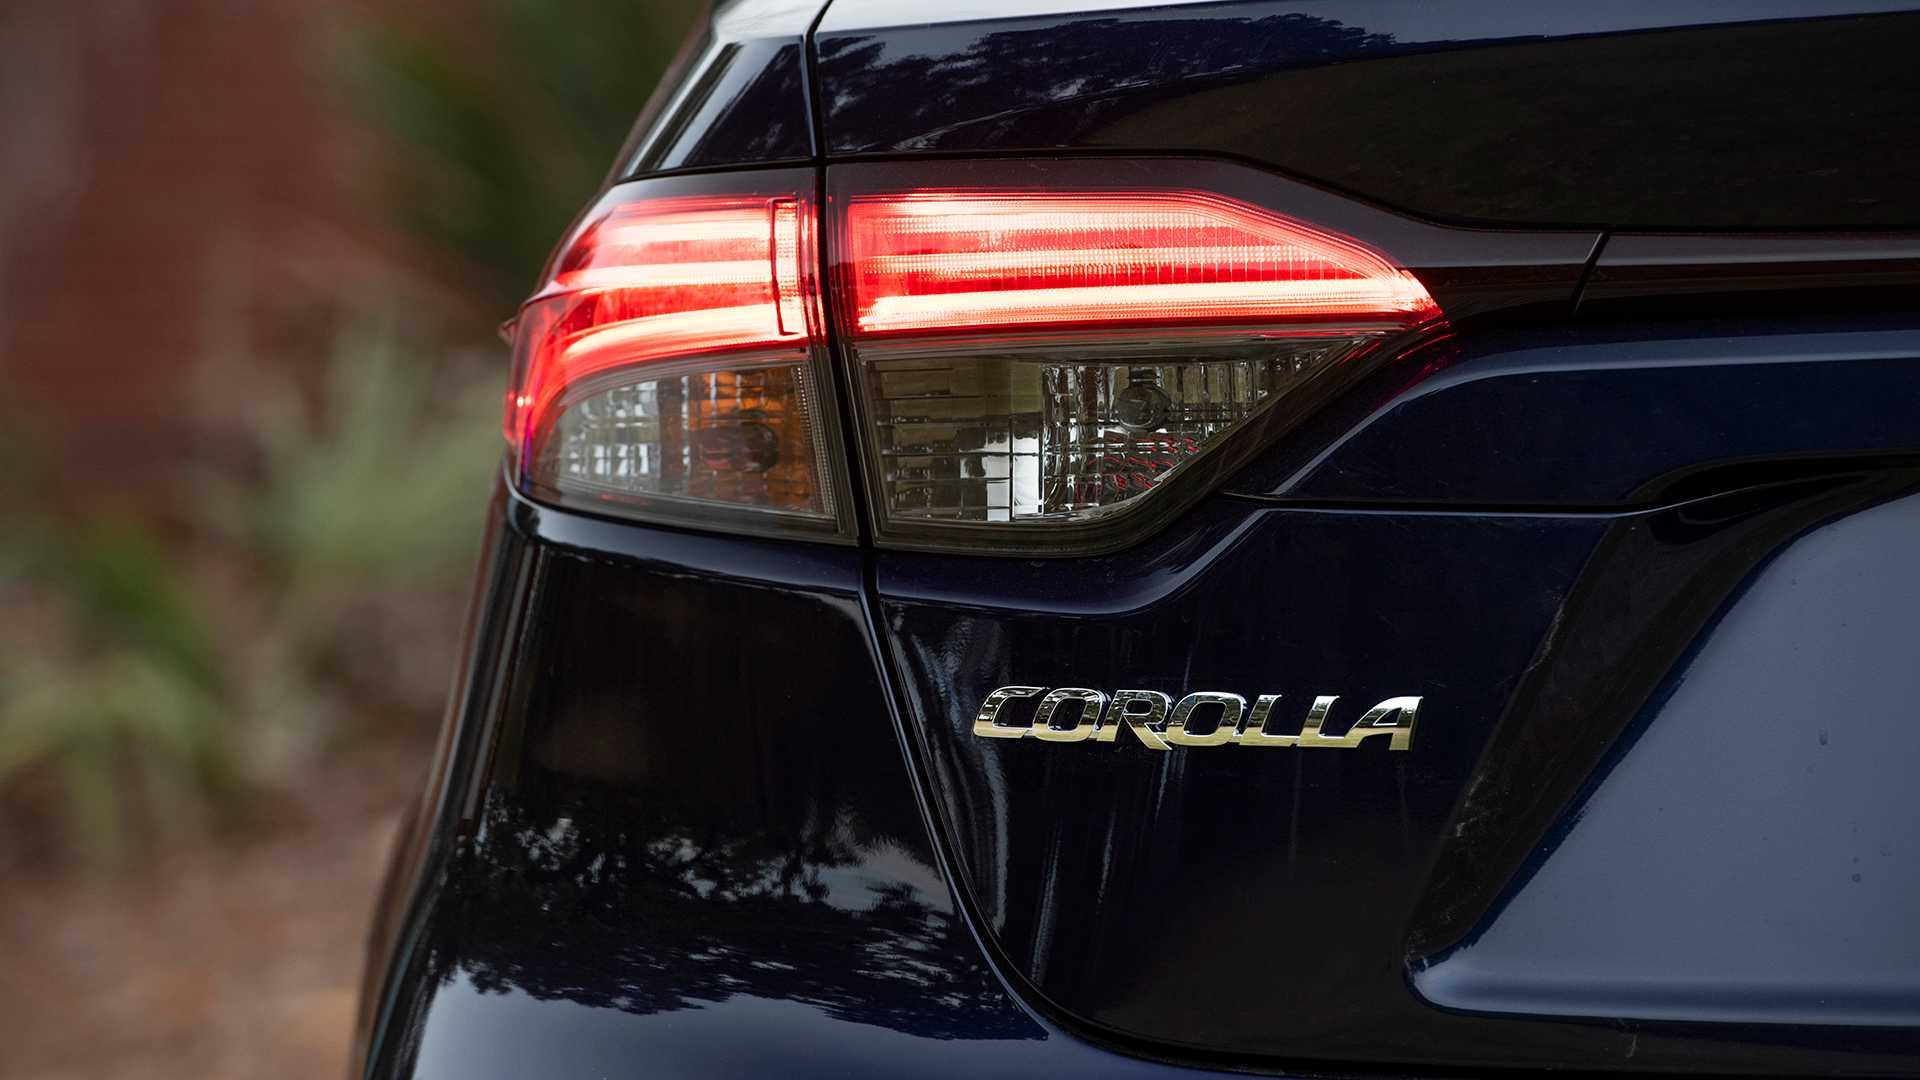 2020-toyota-corolla-sedan-danh-gia-3.jpg